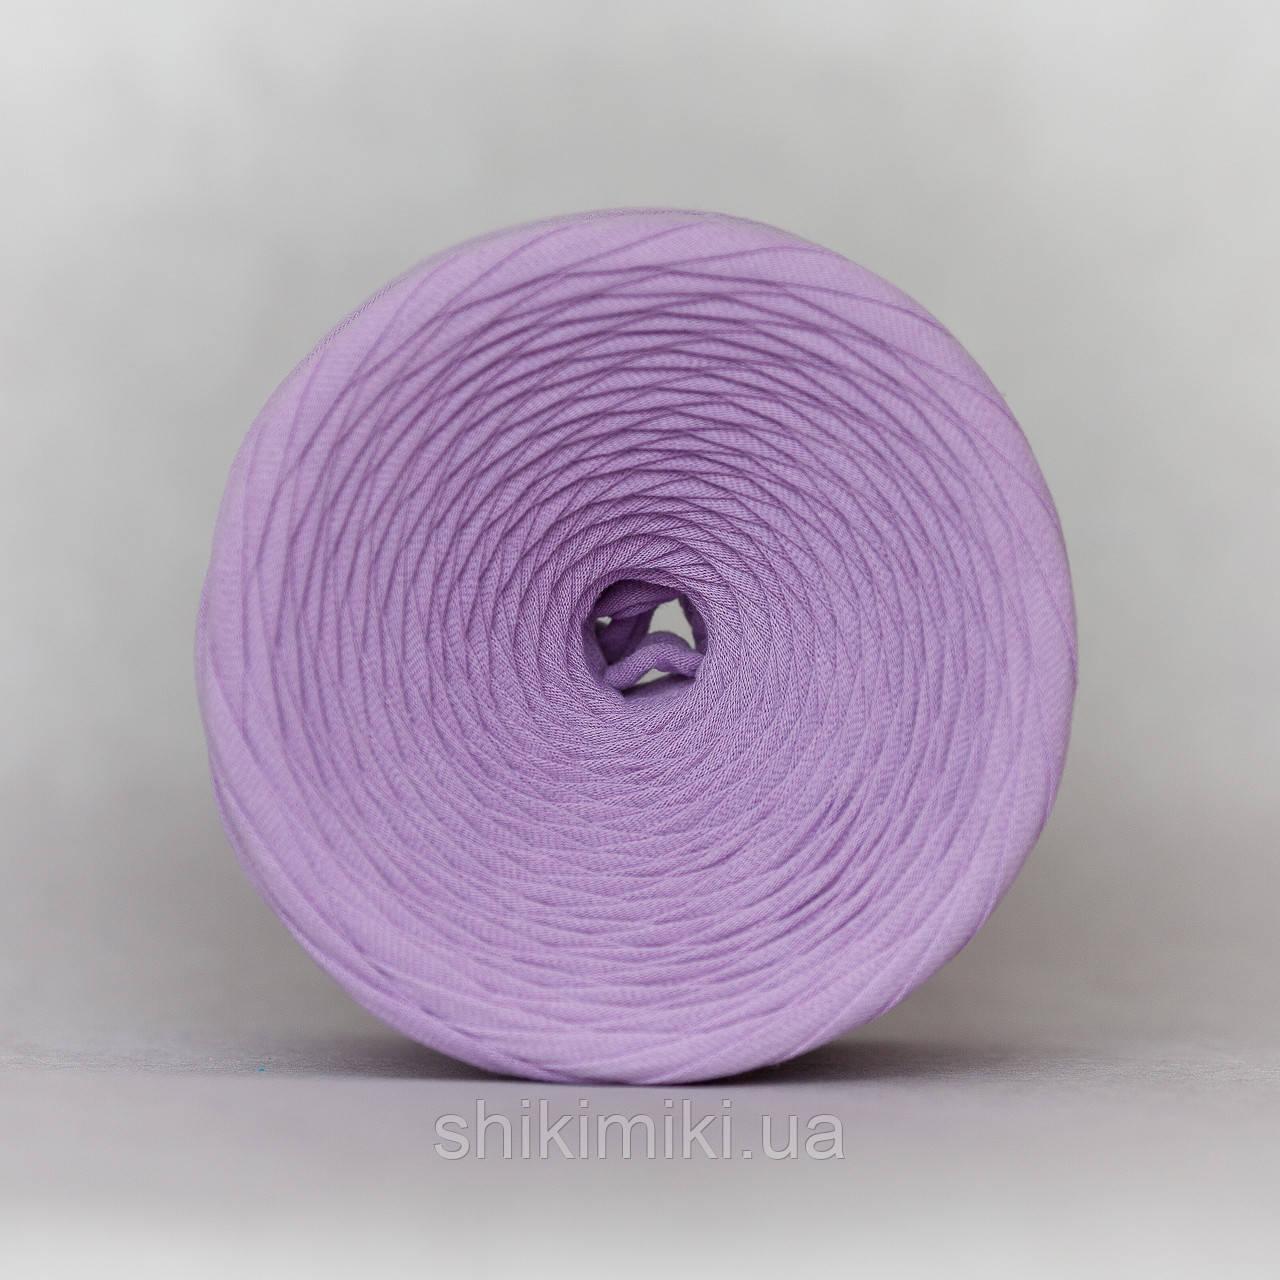 Трикотажная пряжа (50 м), цвет Сиреневый